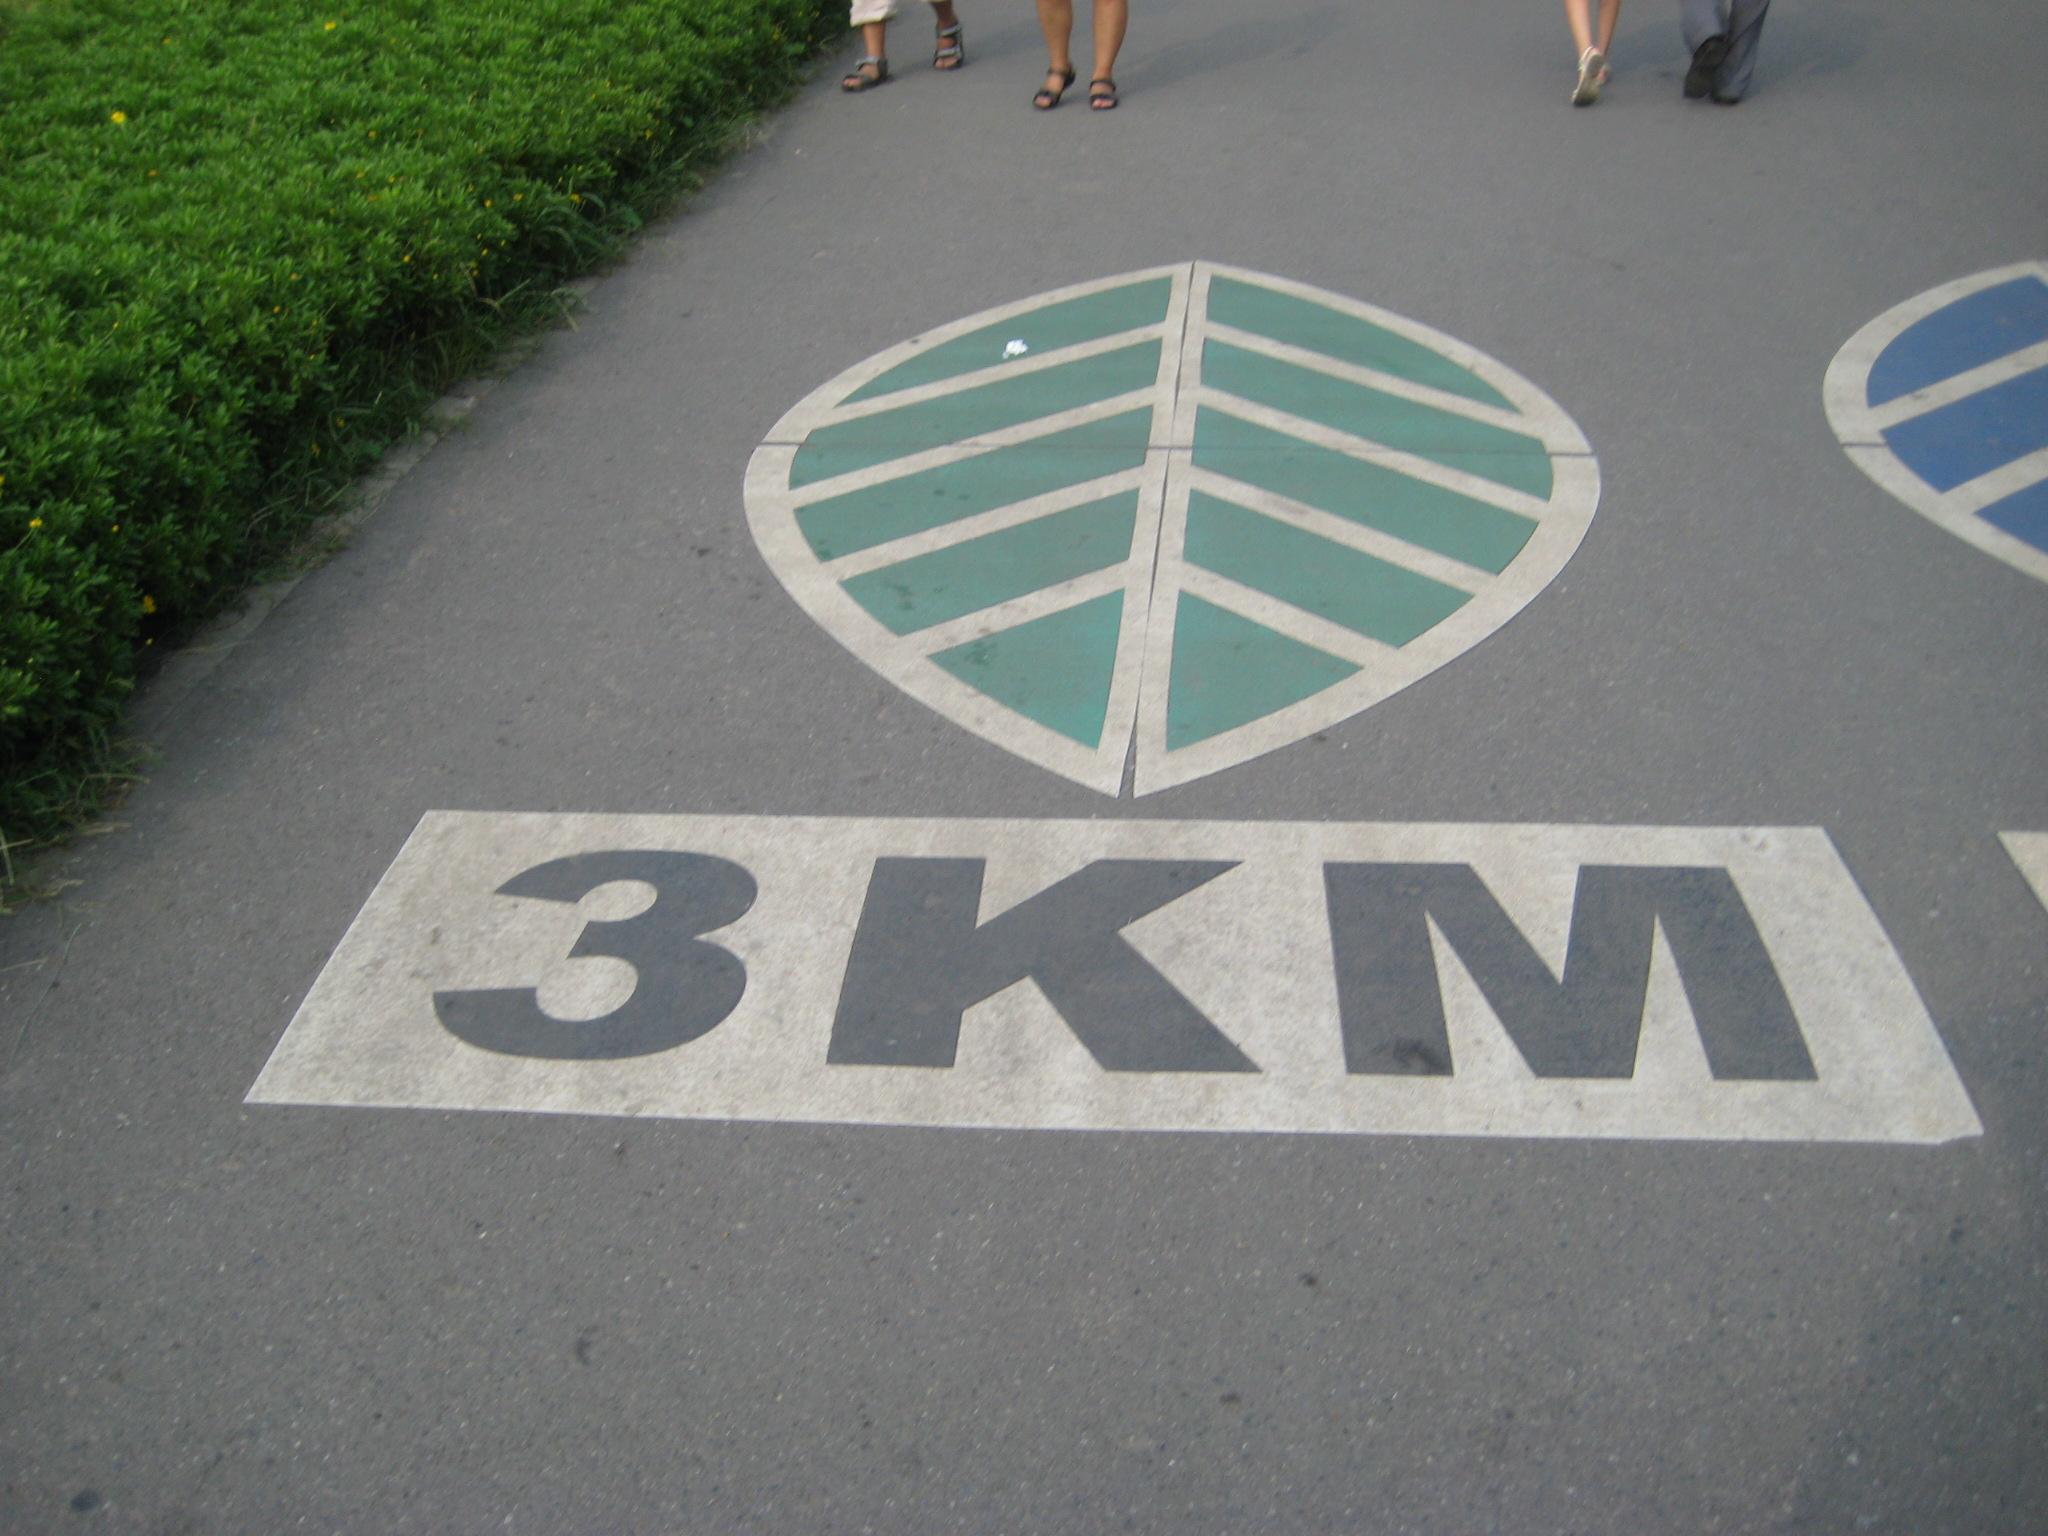 【简单户外】奥森公园健步走照片征集贴(持续更新中)